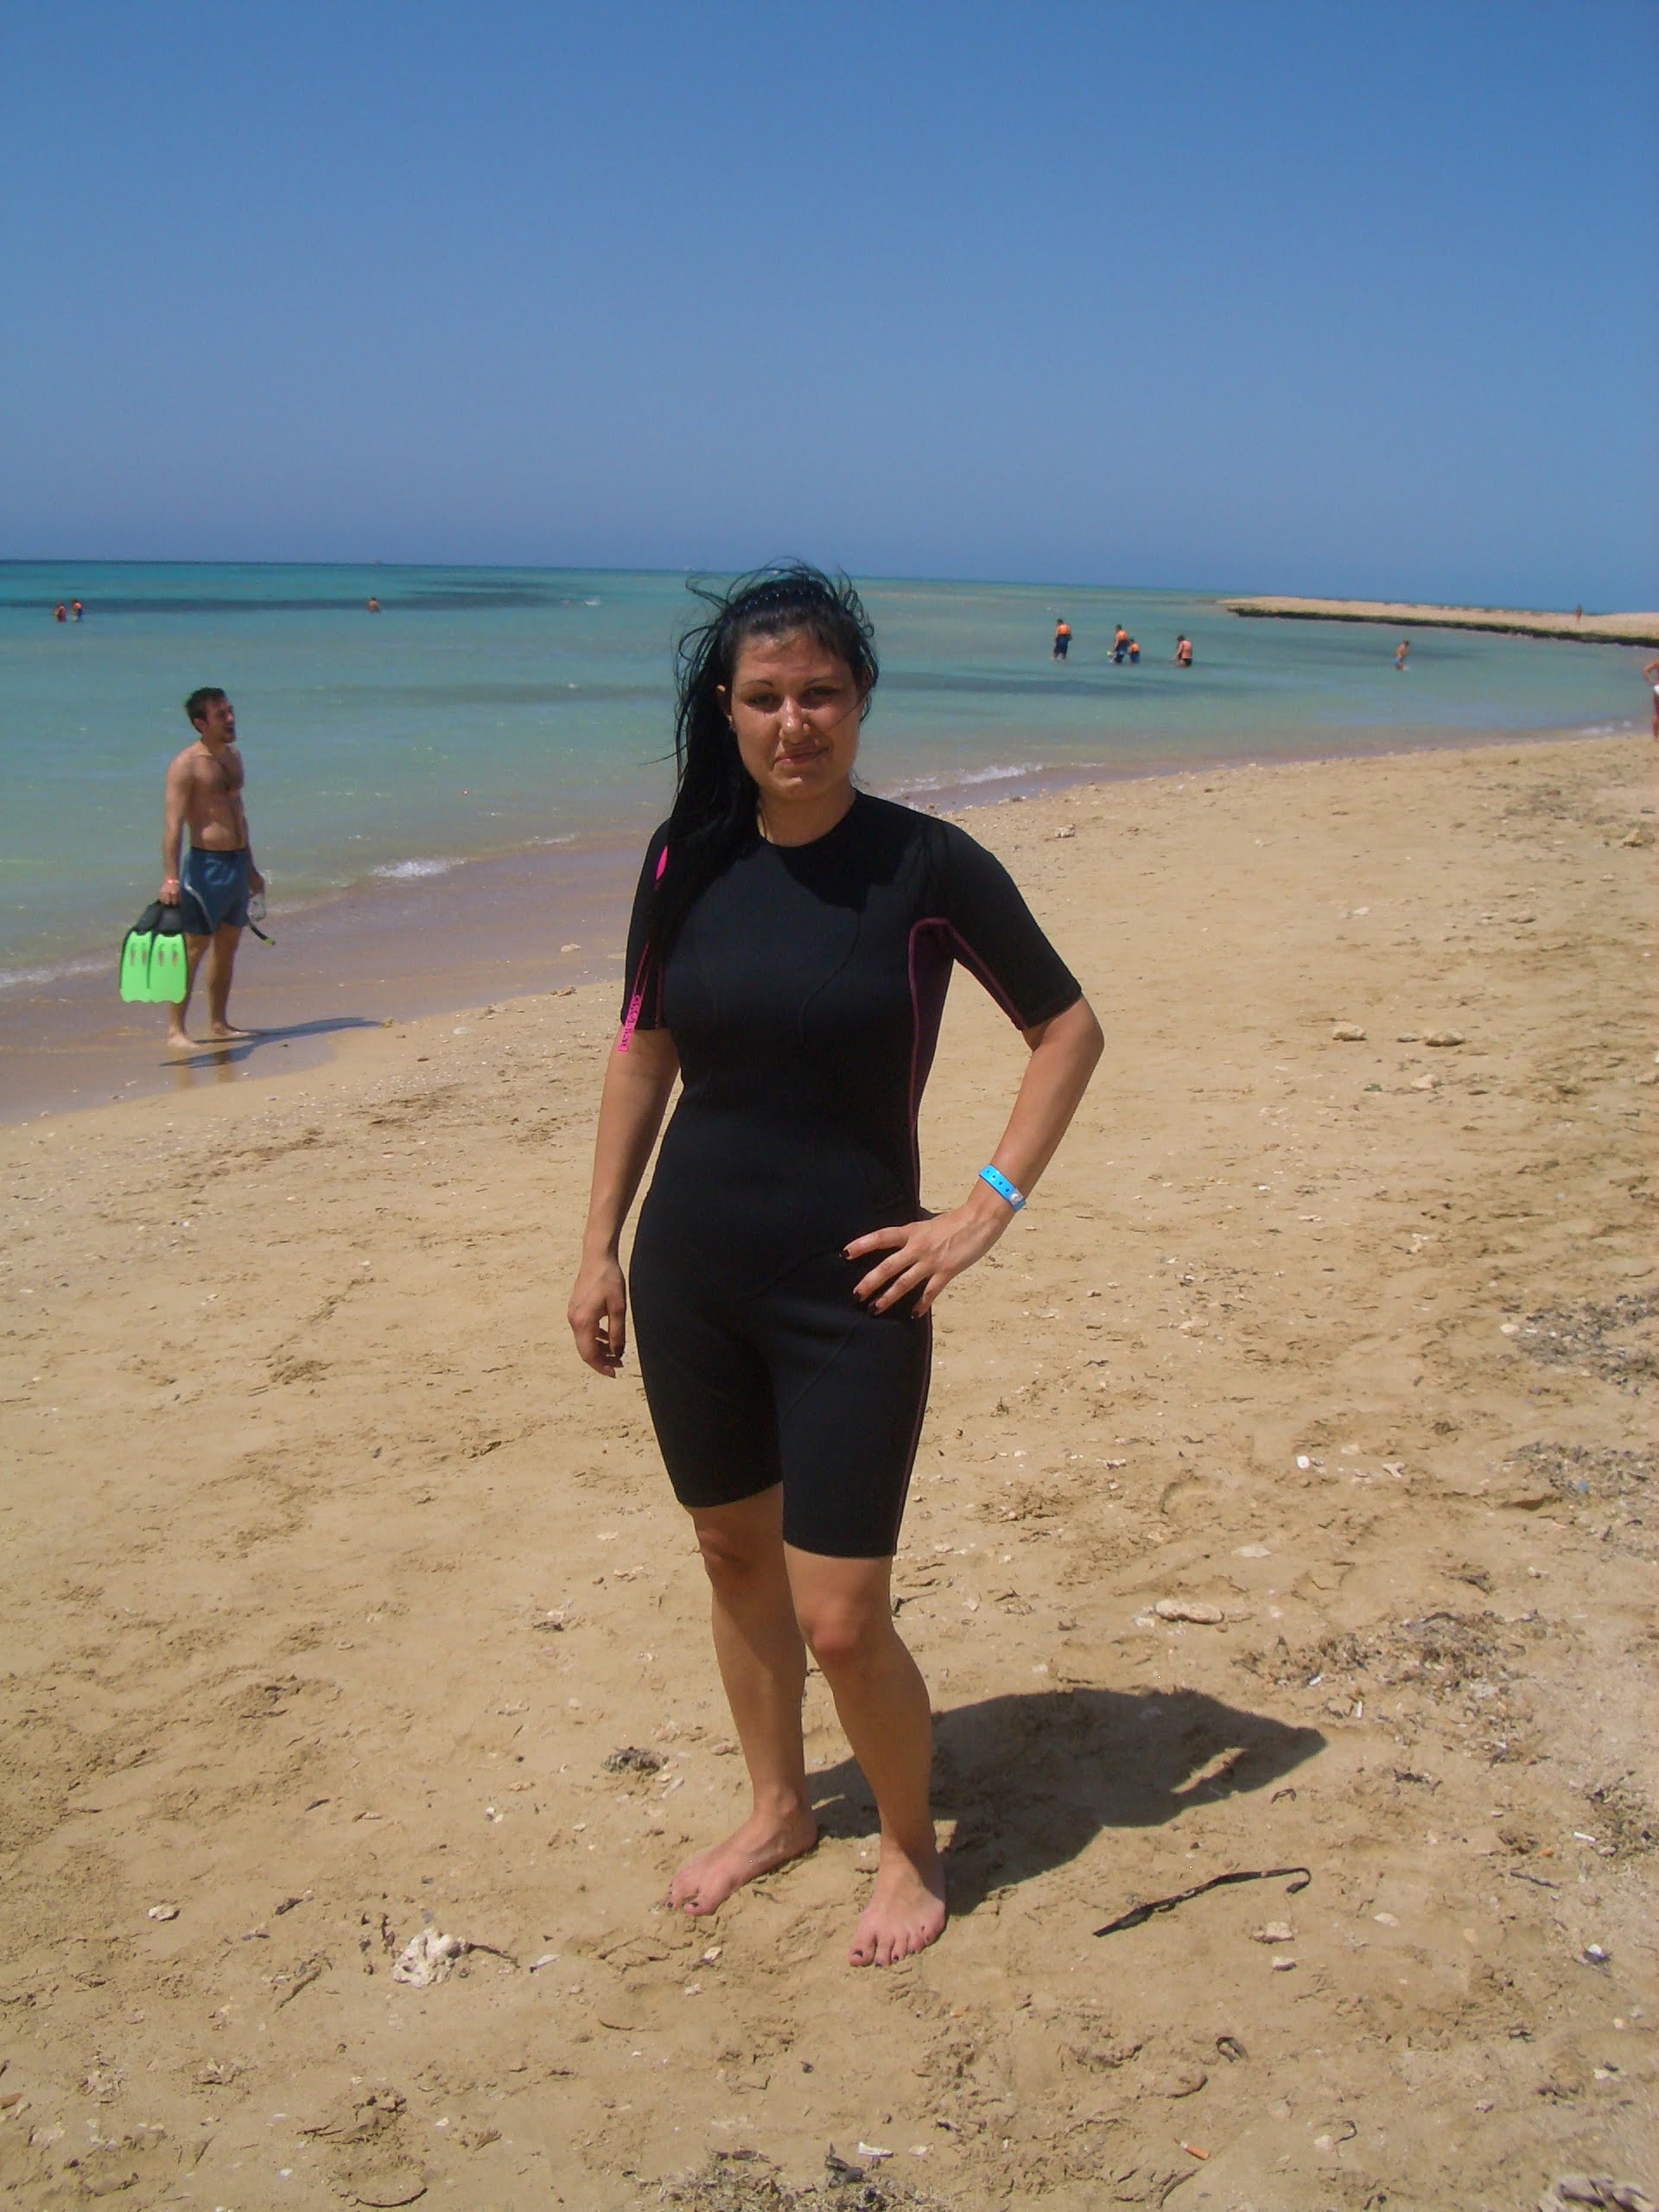 Annalisa a Ras Mohamed in muta da sub, Sharm El Sheikh mare